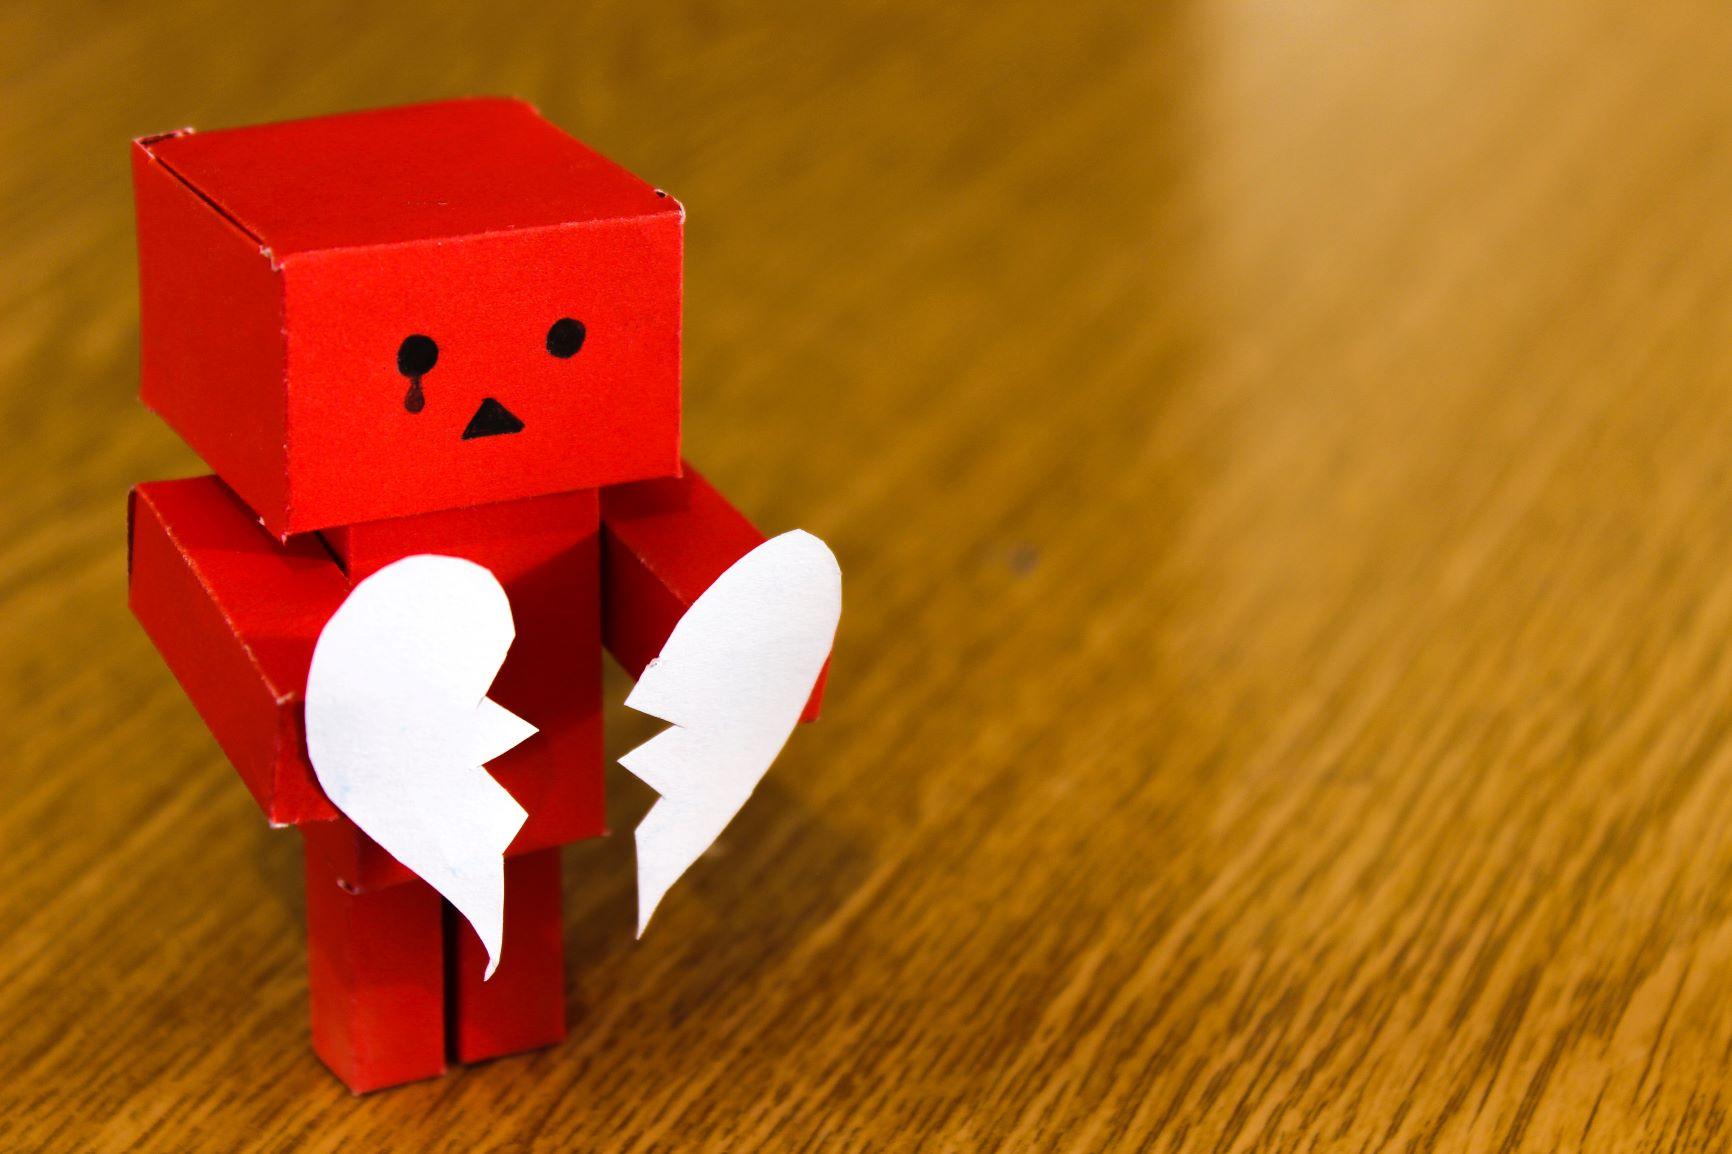 Hot Mess - Broken Heart?